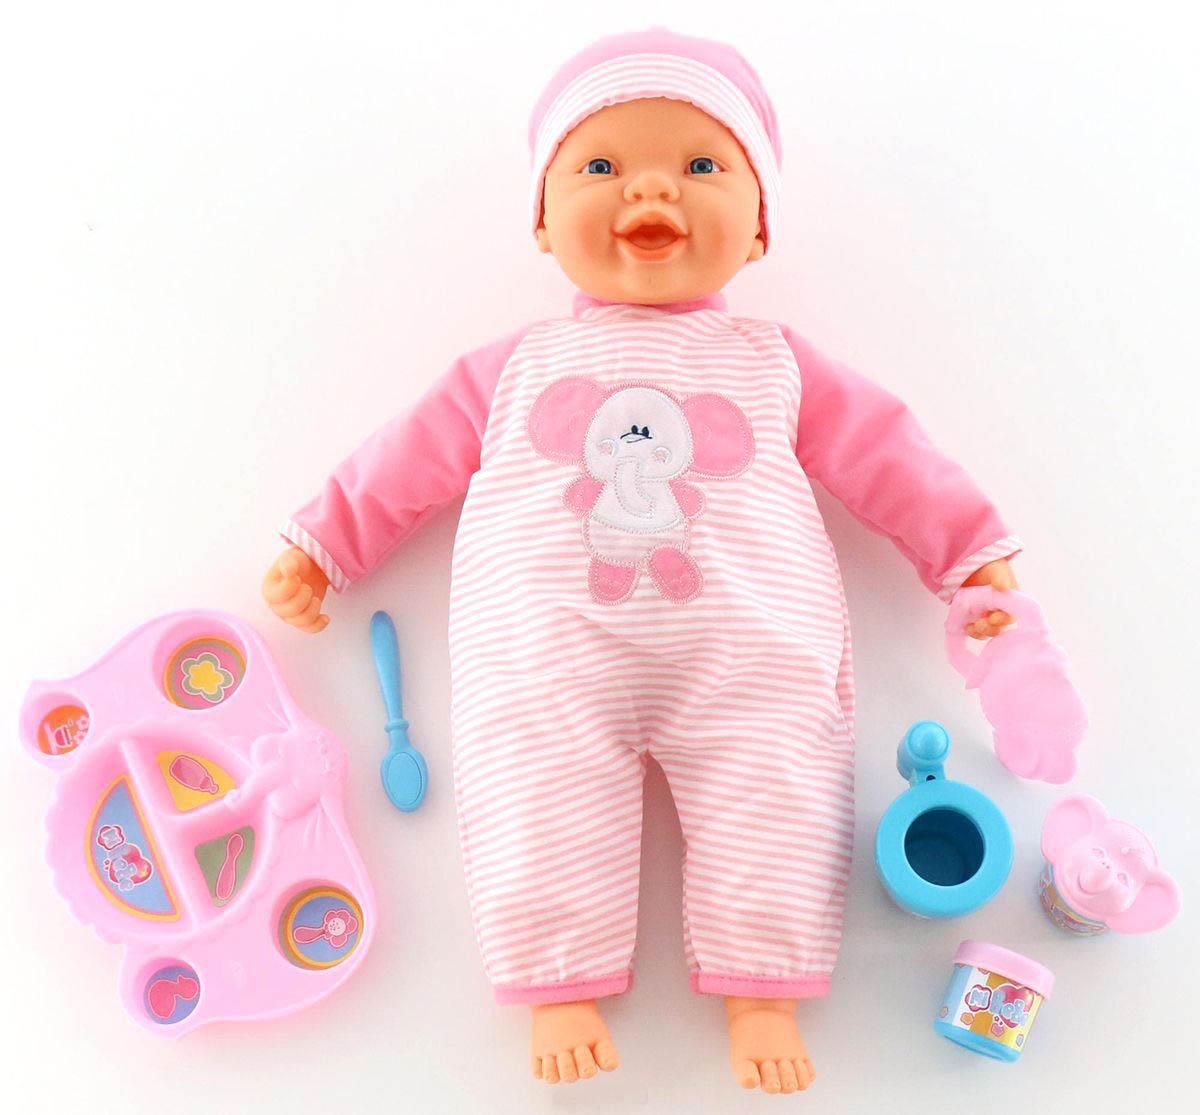 Озвученная кукла Пупс с набором для кормления, 48 смПупсы<br>Озвученная кукла Пупс с набором для кормления, 48 см<br>